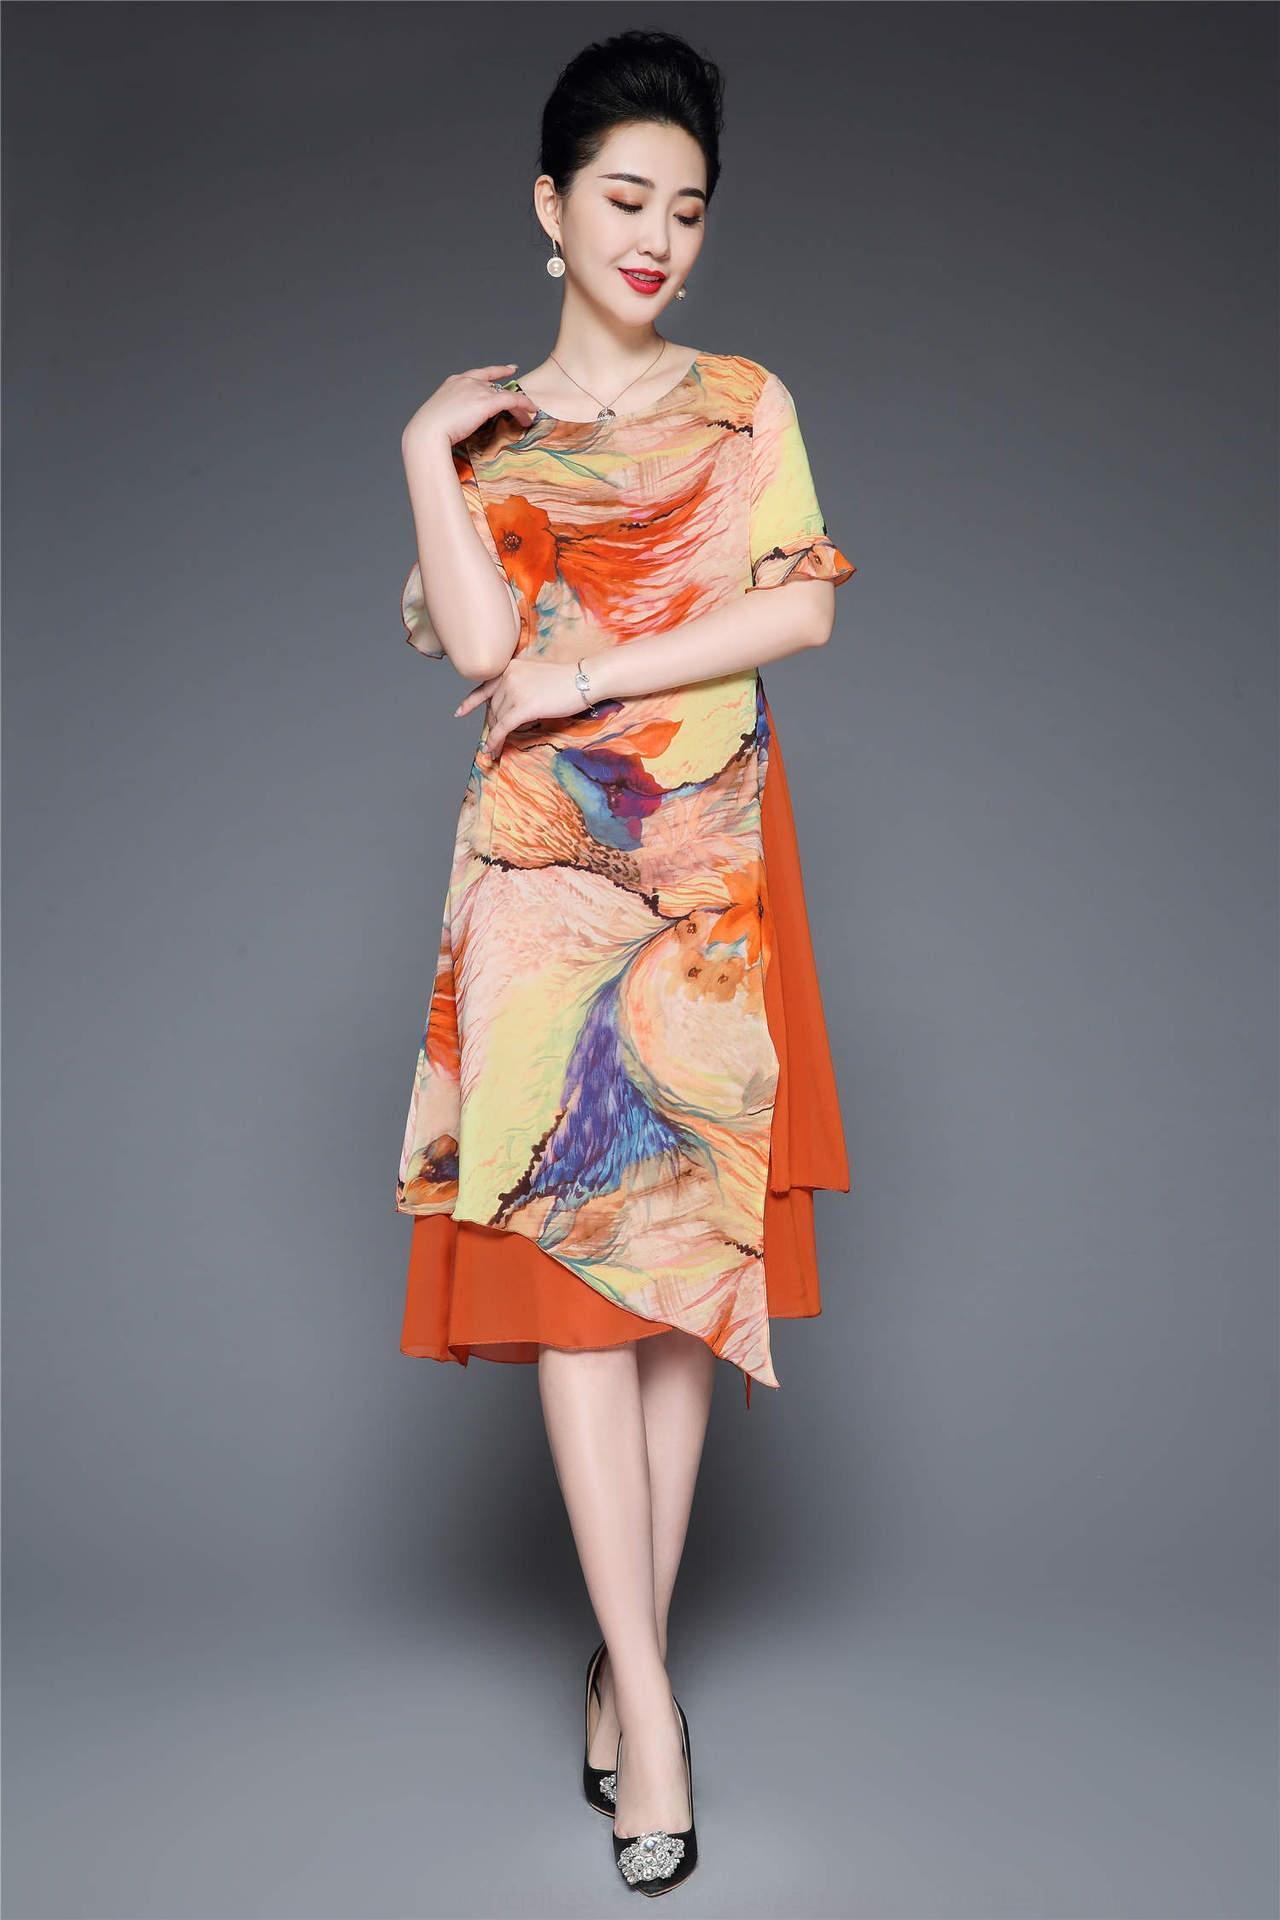 c6xqo été minceur imprimé à manches courtes pour les mères d'âge moyen de la soie à la mode riche de grande taille robe mi-longueur robe de la femme